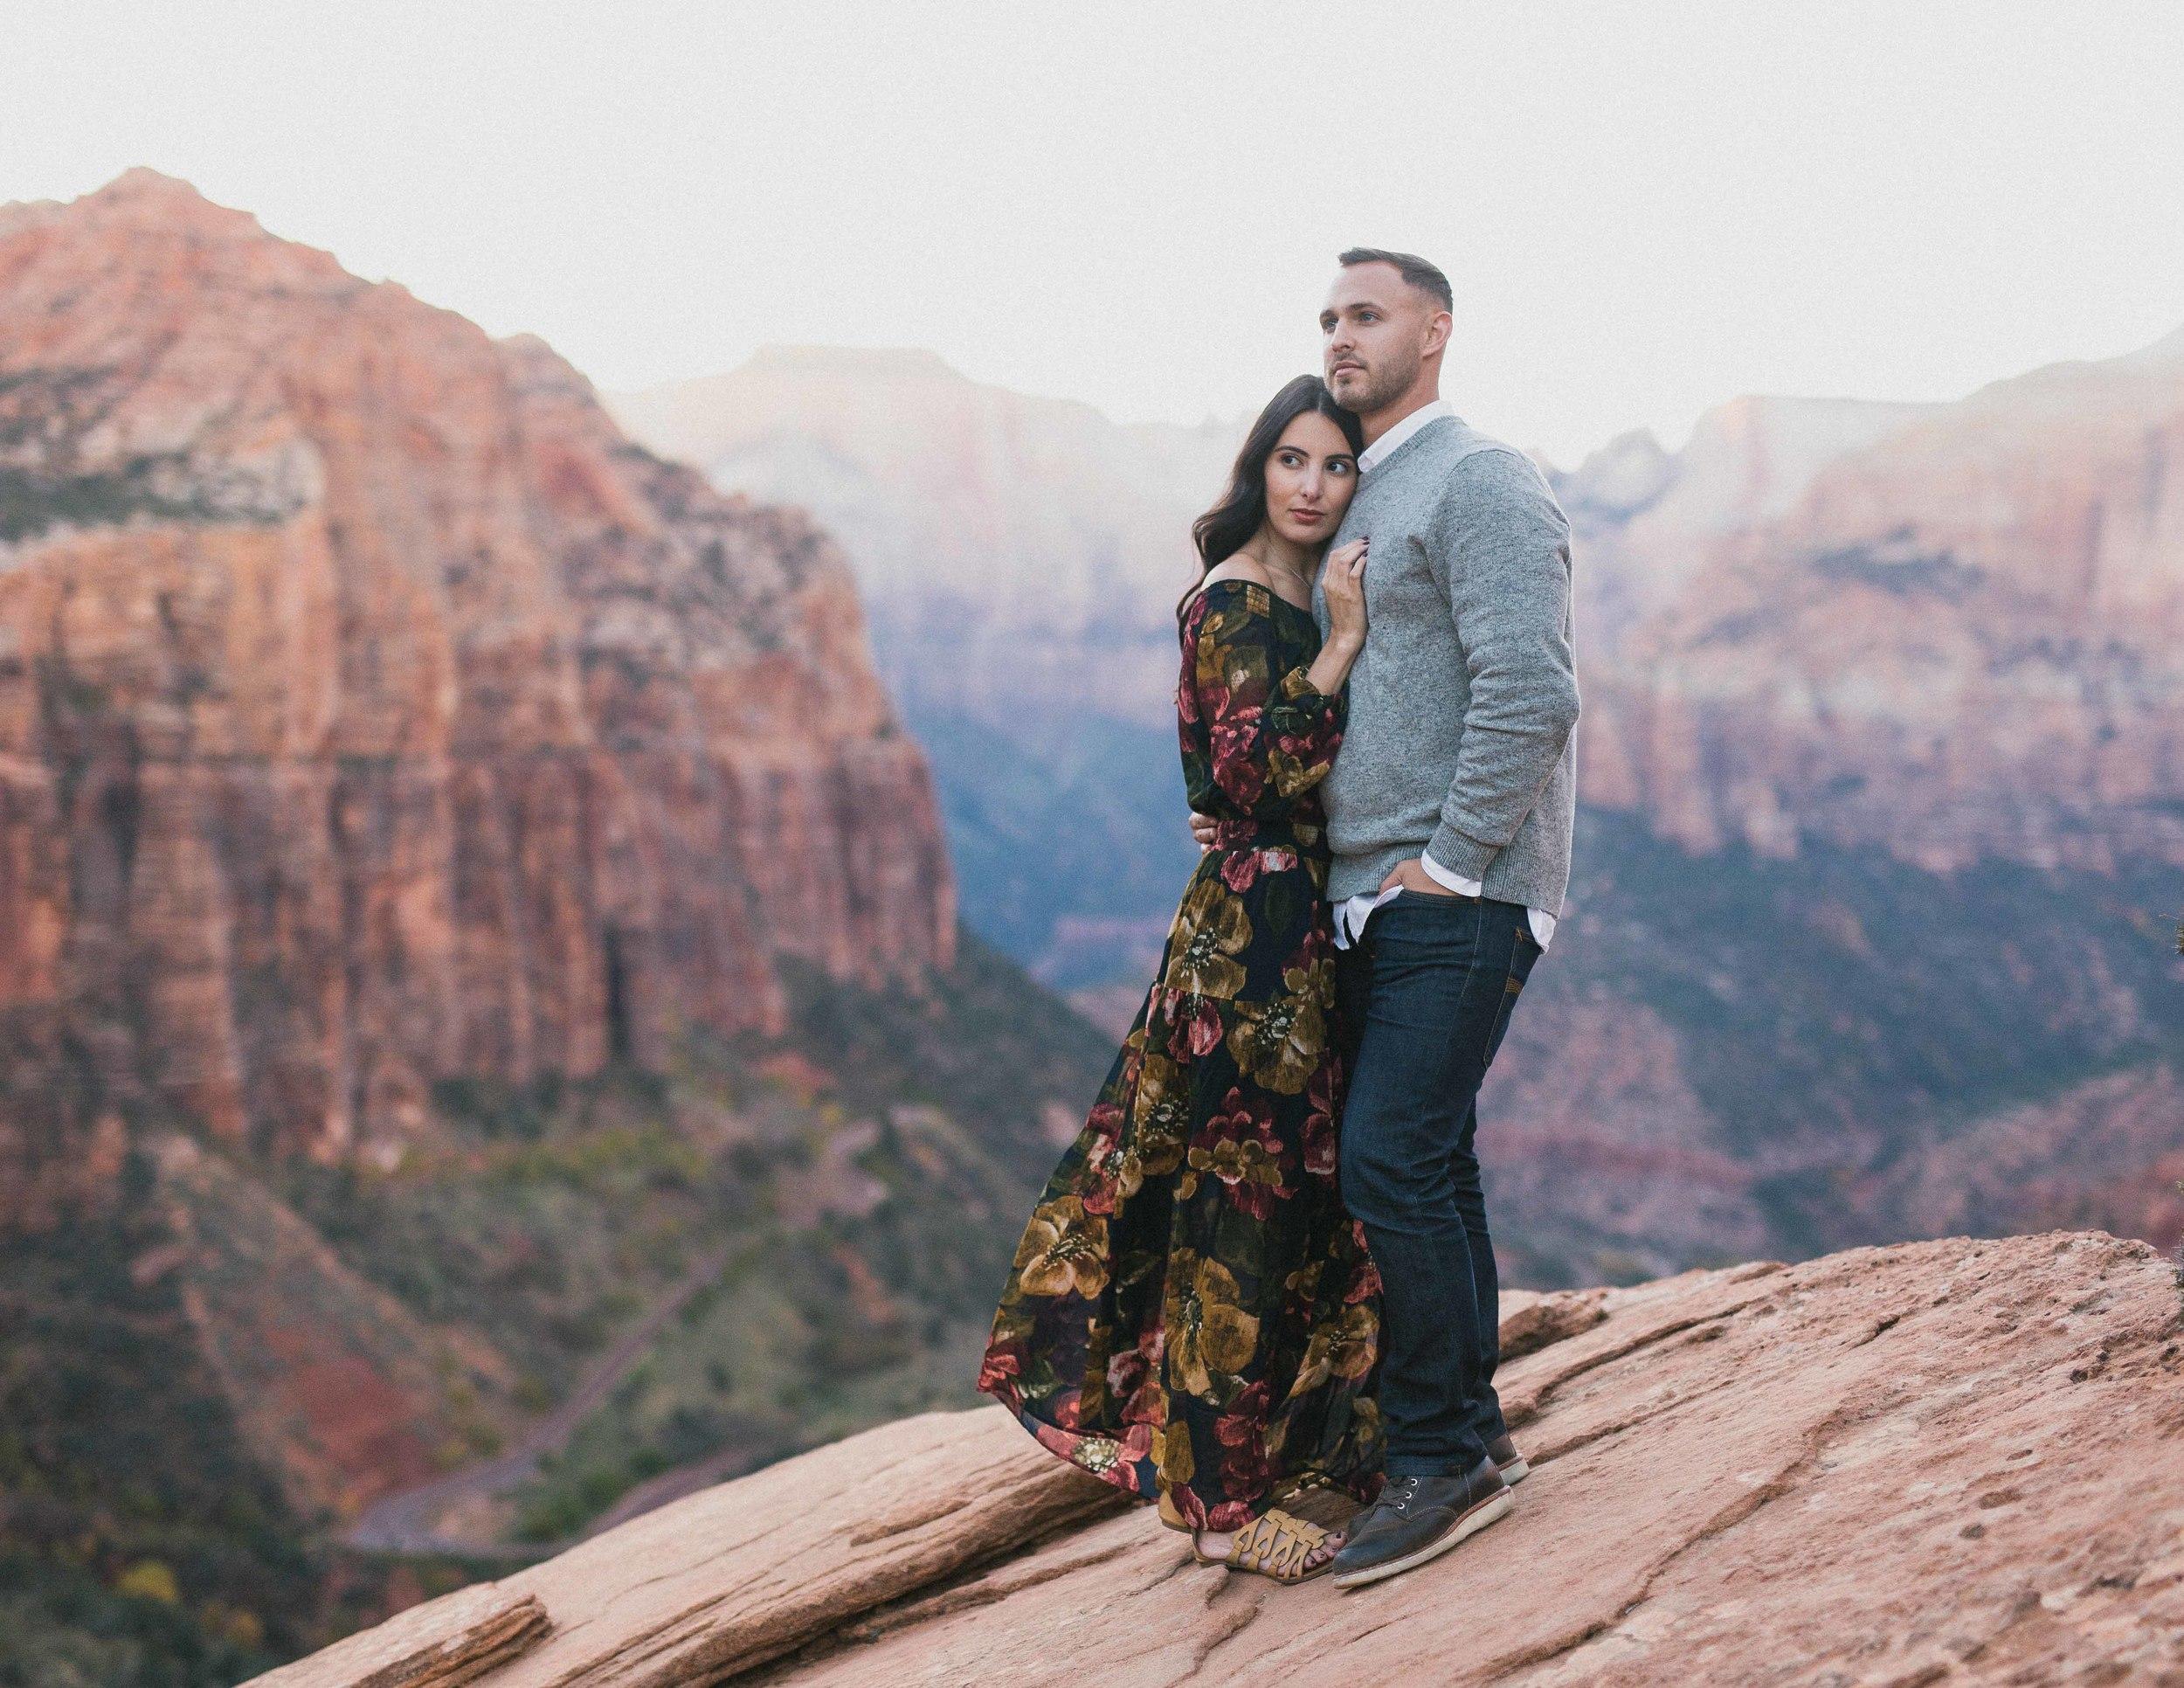 Zion-Utah-Engagement-Photographer-12.jpg